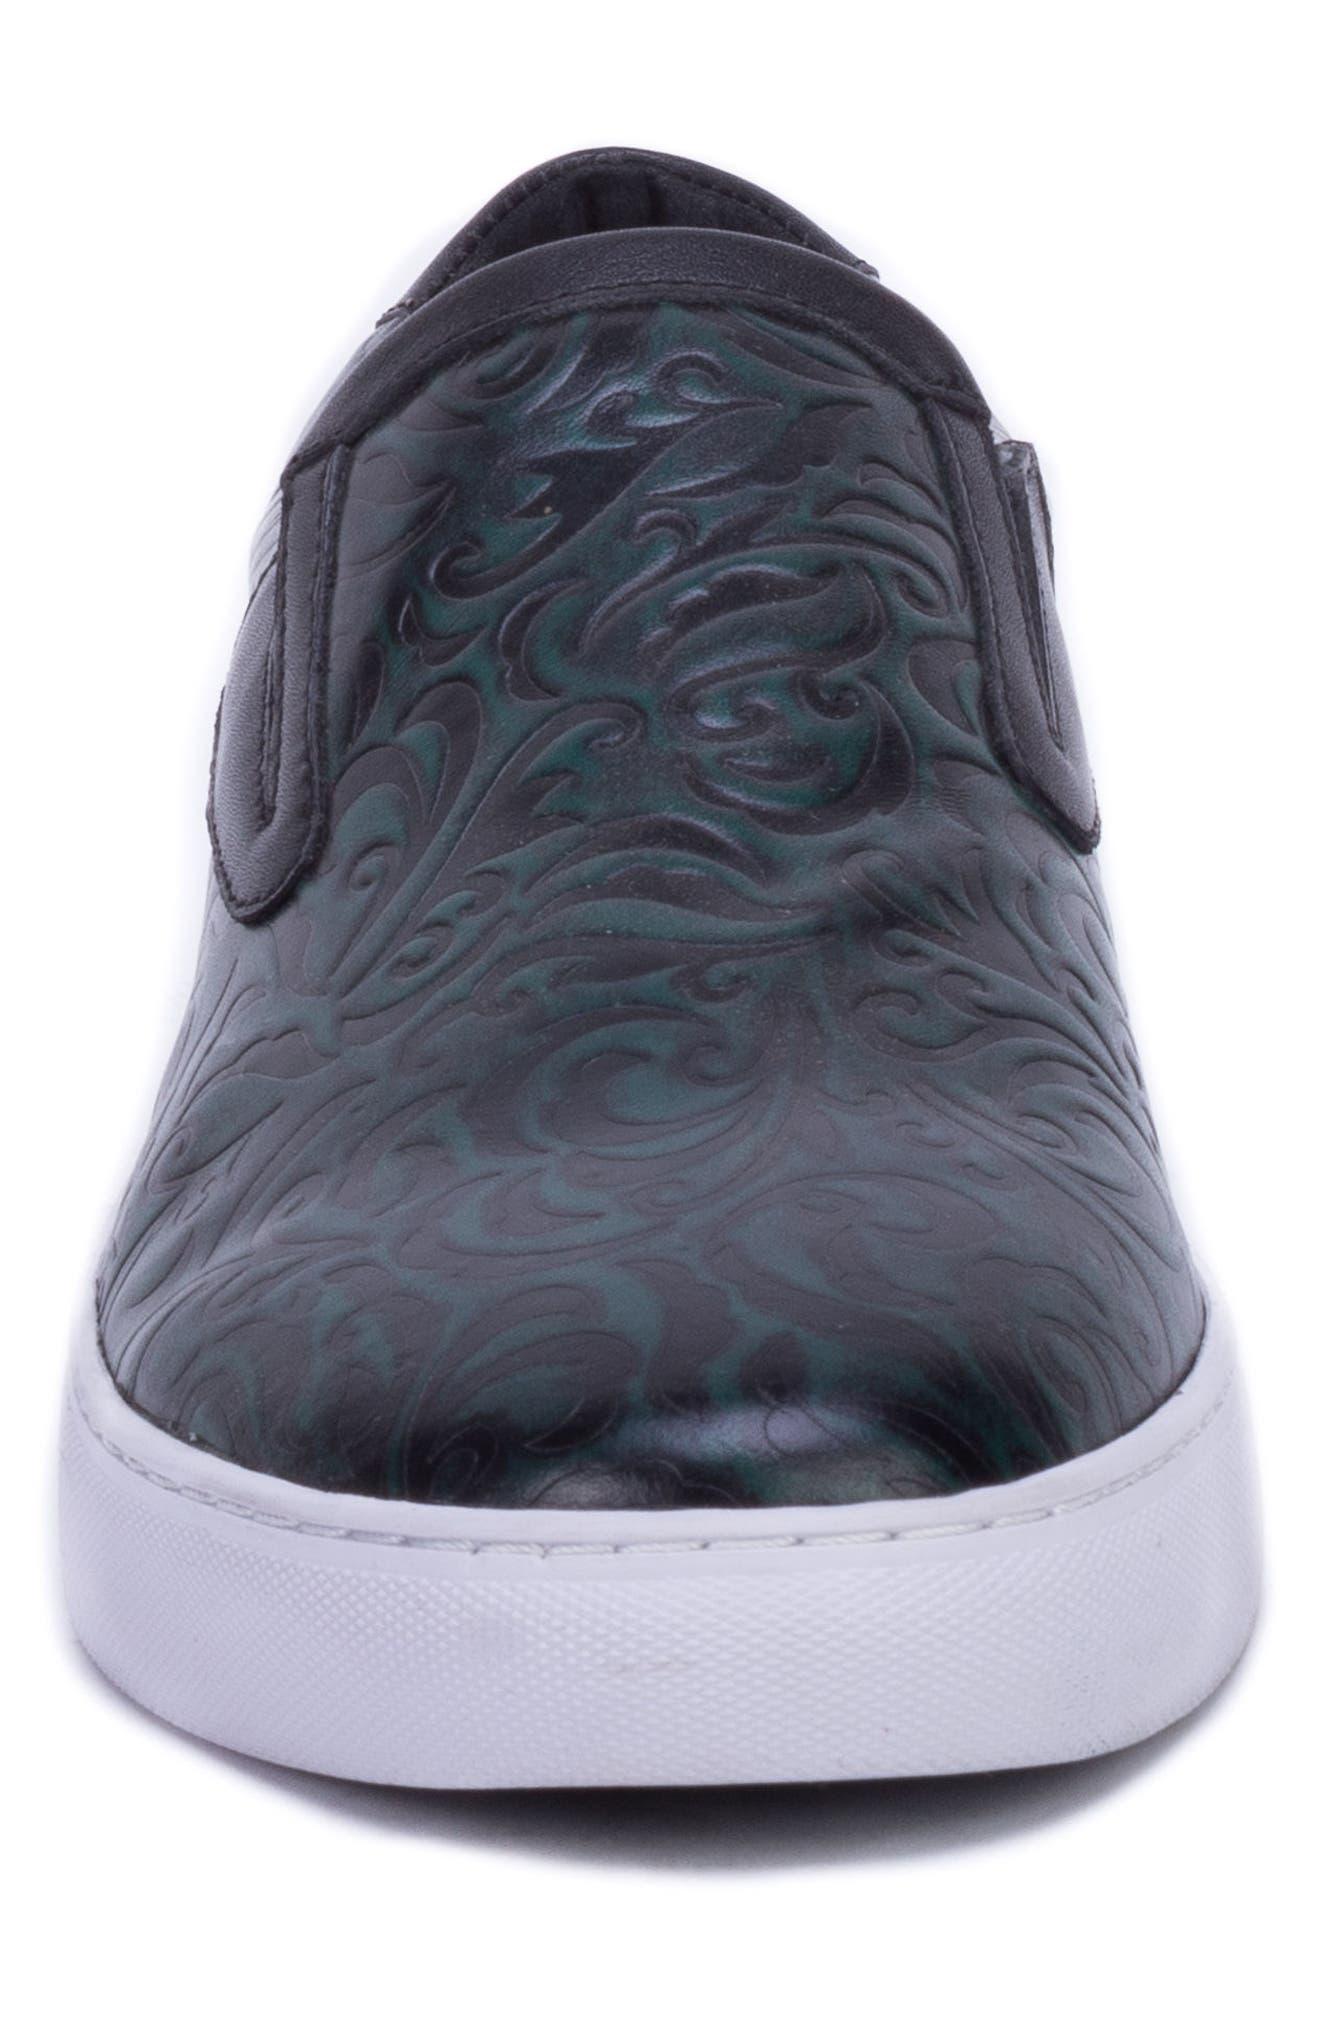 Lanning Slip-On Sneaker,                             Alternate thumbnail 4, color,                             GREEN LEATHER